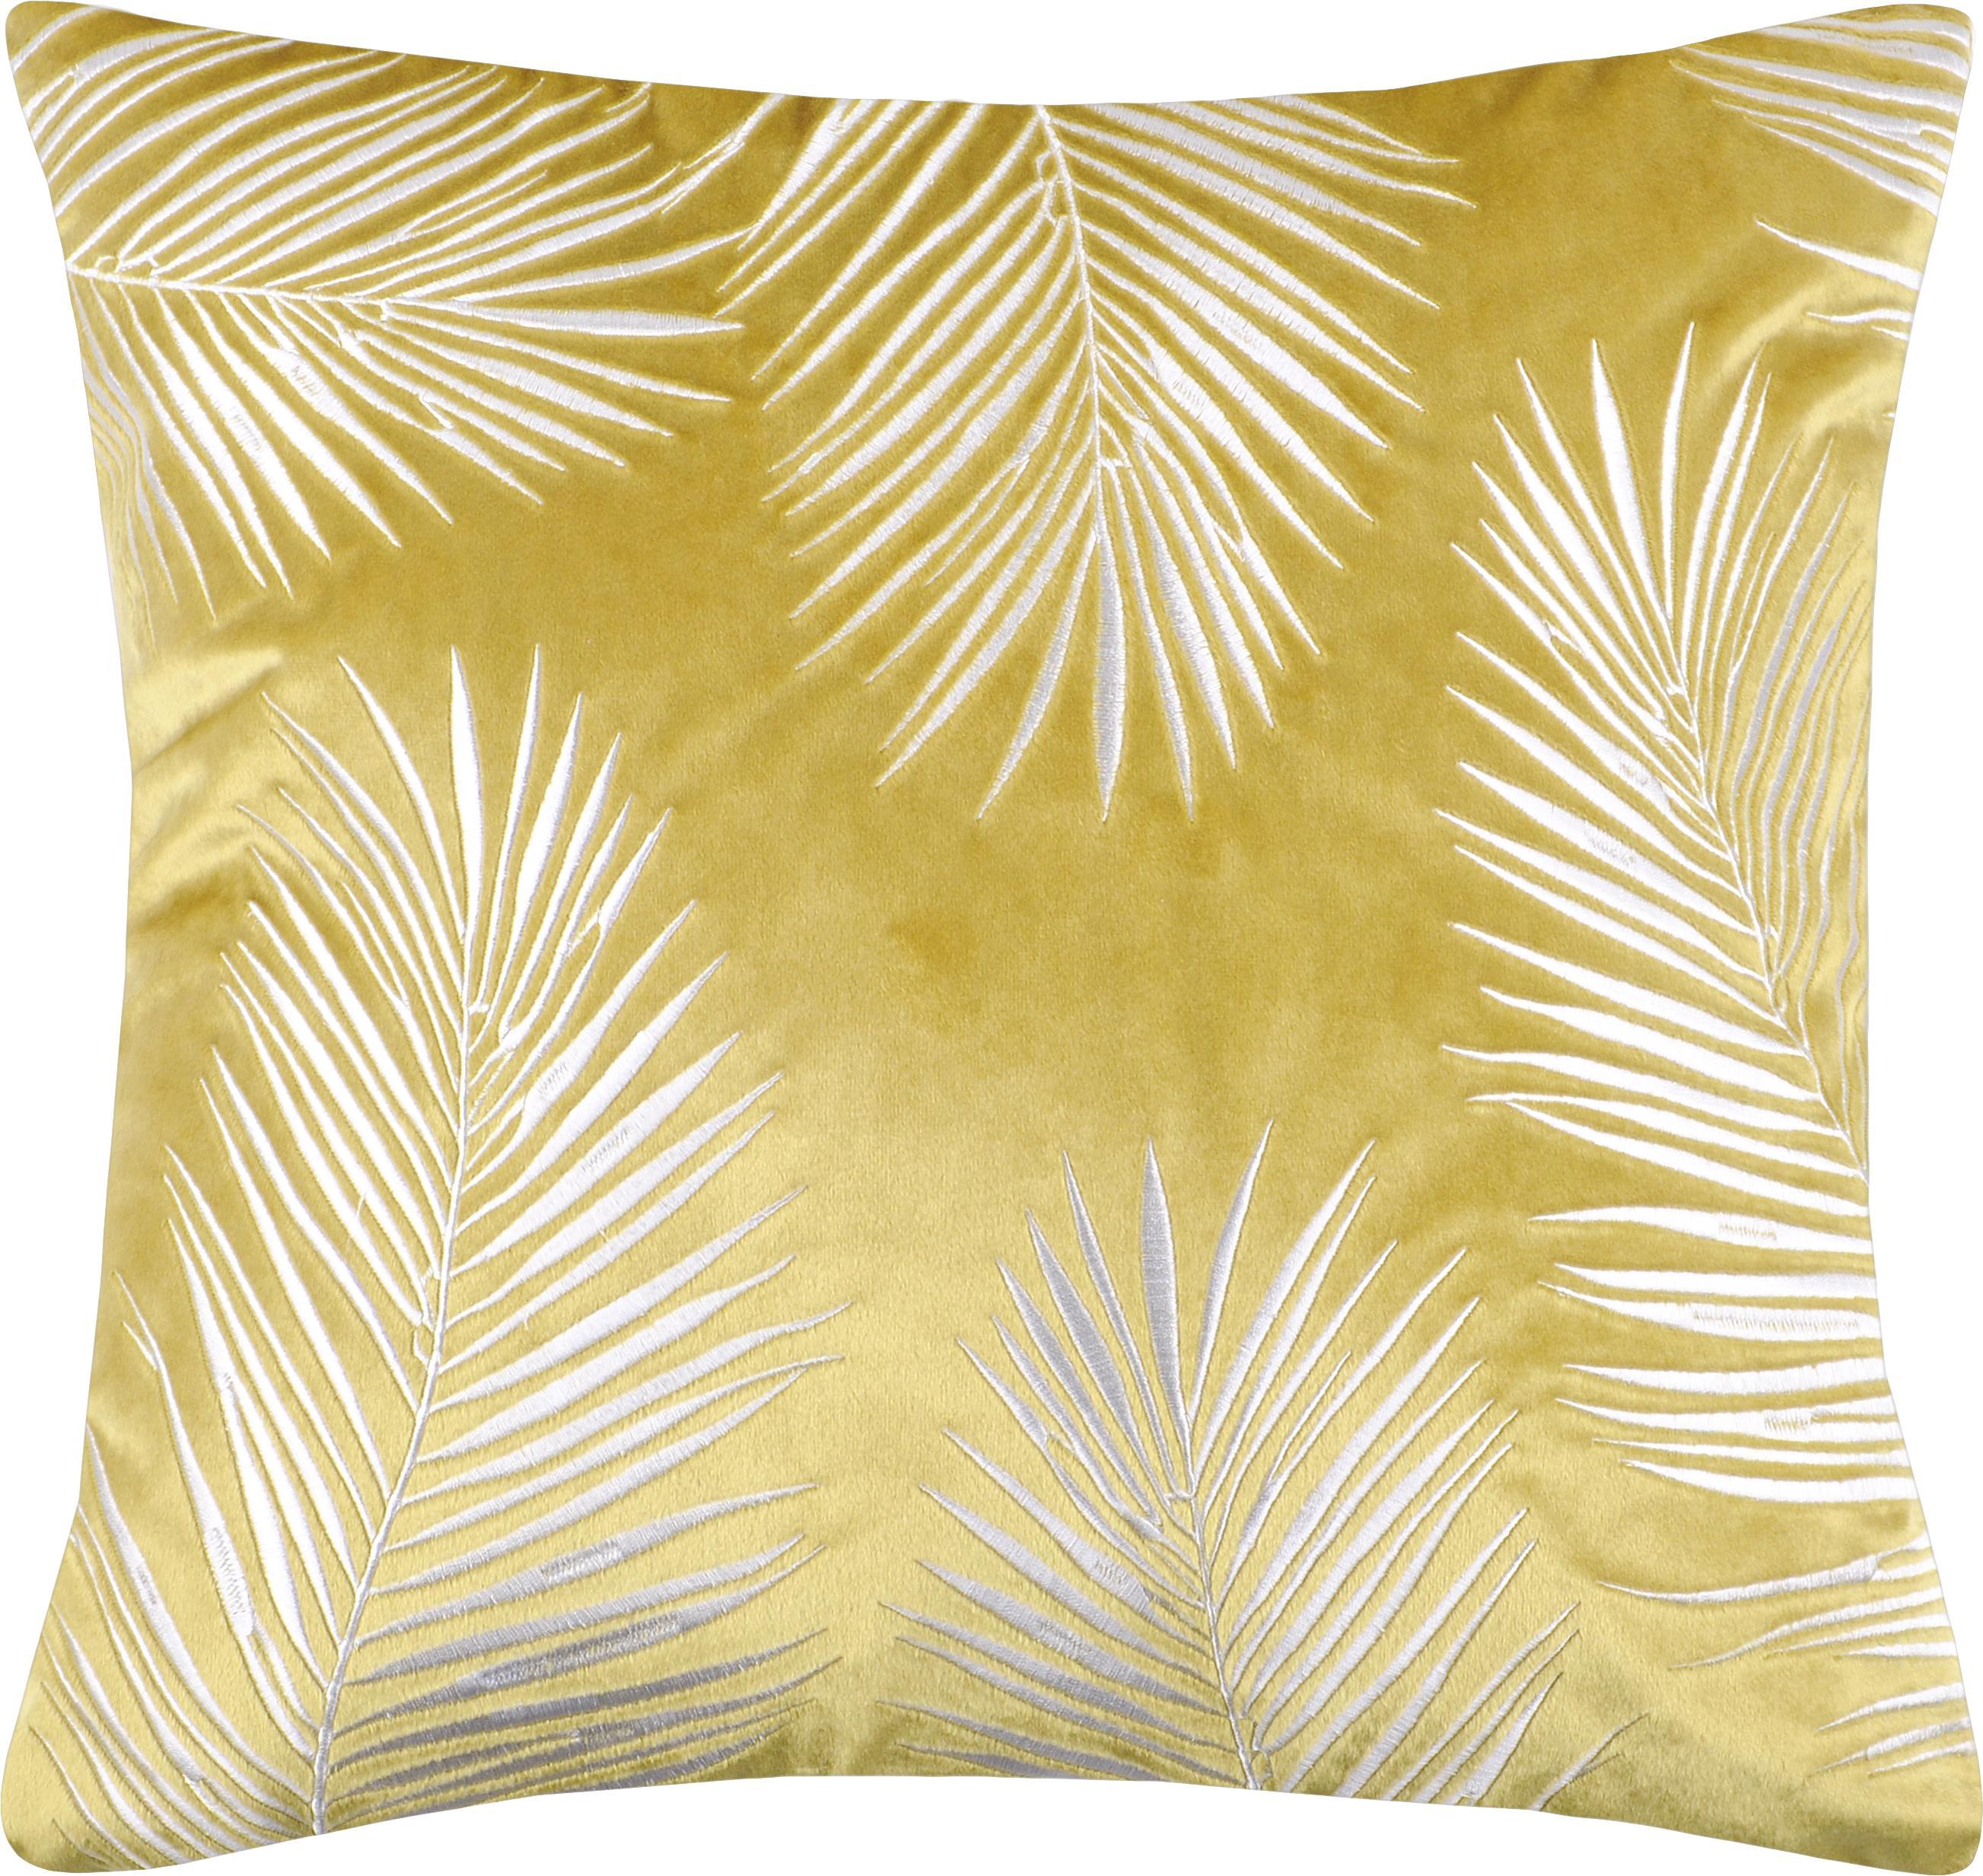 Fluwelen kussenhoes Ibarra met palmblad borduurwerk, Polyester, Geel, wit, 45 x 45 cm